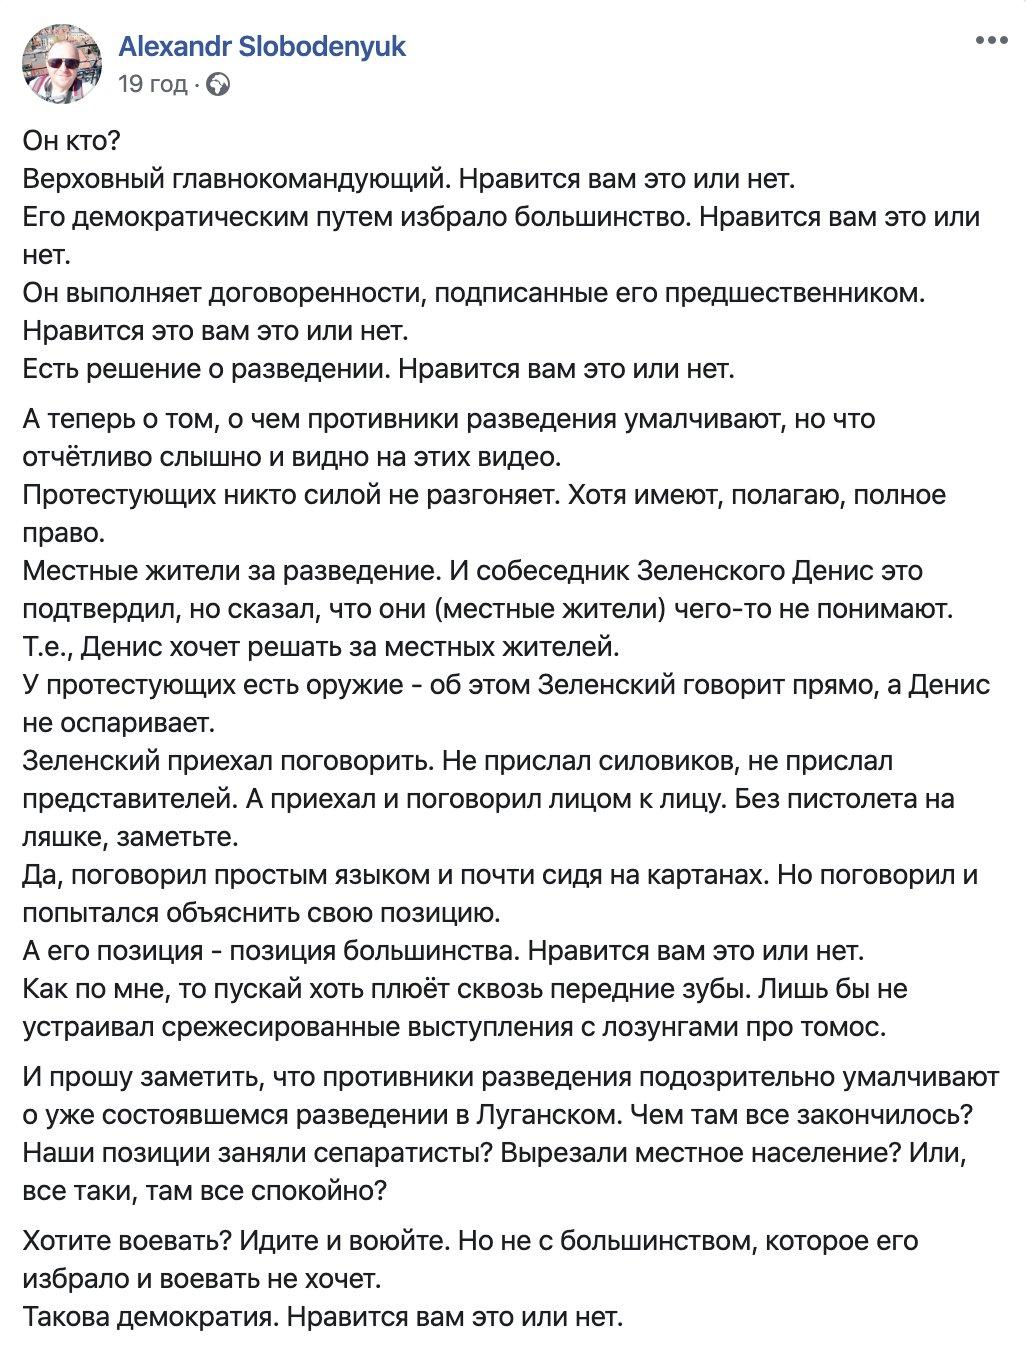 """Зеленський дав команду вибити добровольців із Золотого, але ми нікуди не підемо, - учасник акції """"Ні - капітуляції"""" Янтар - Цензор.НЕТ 5847"""